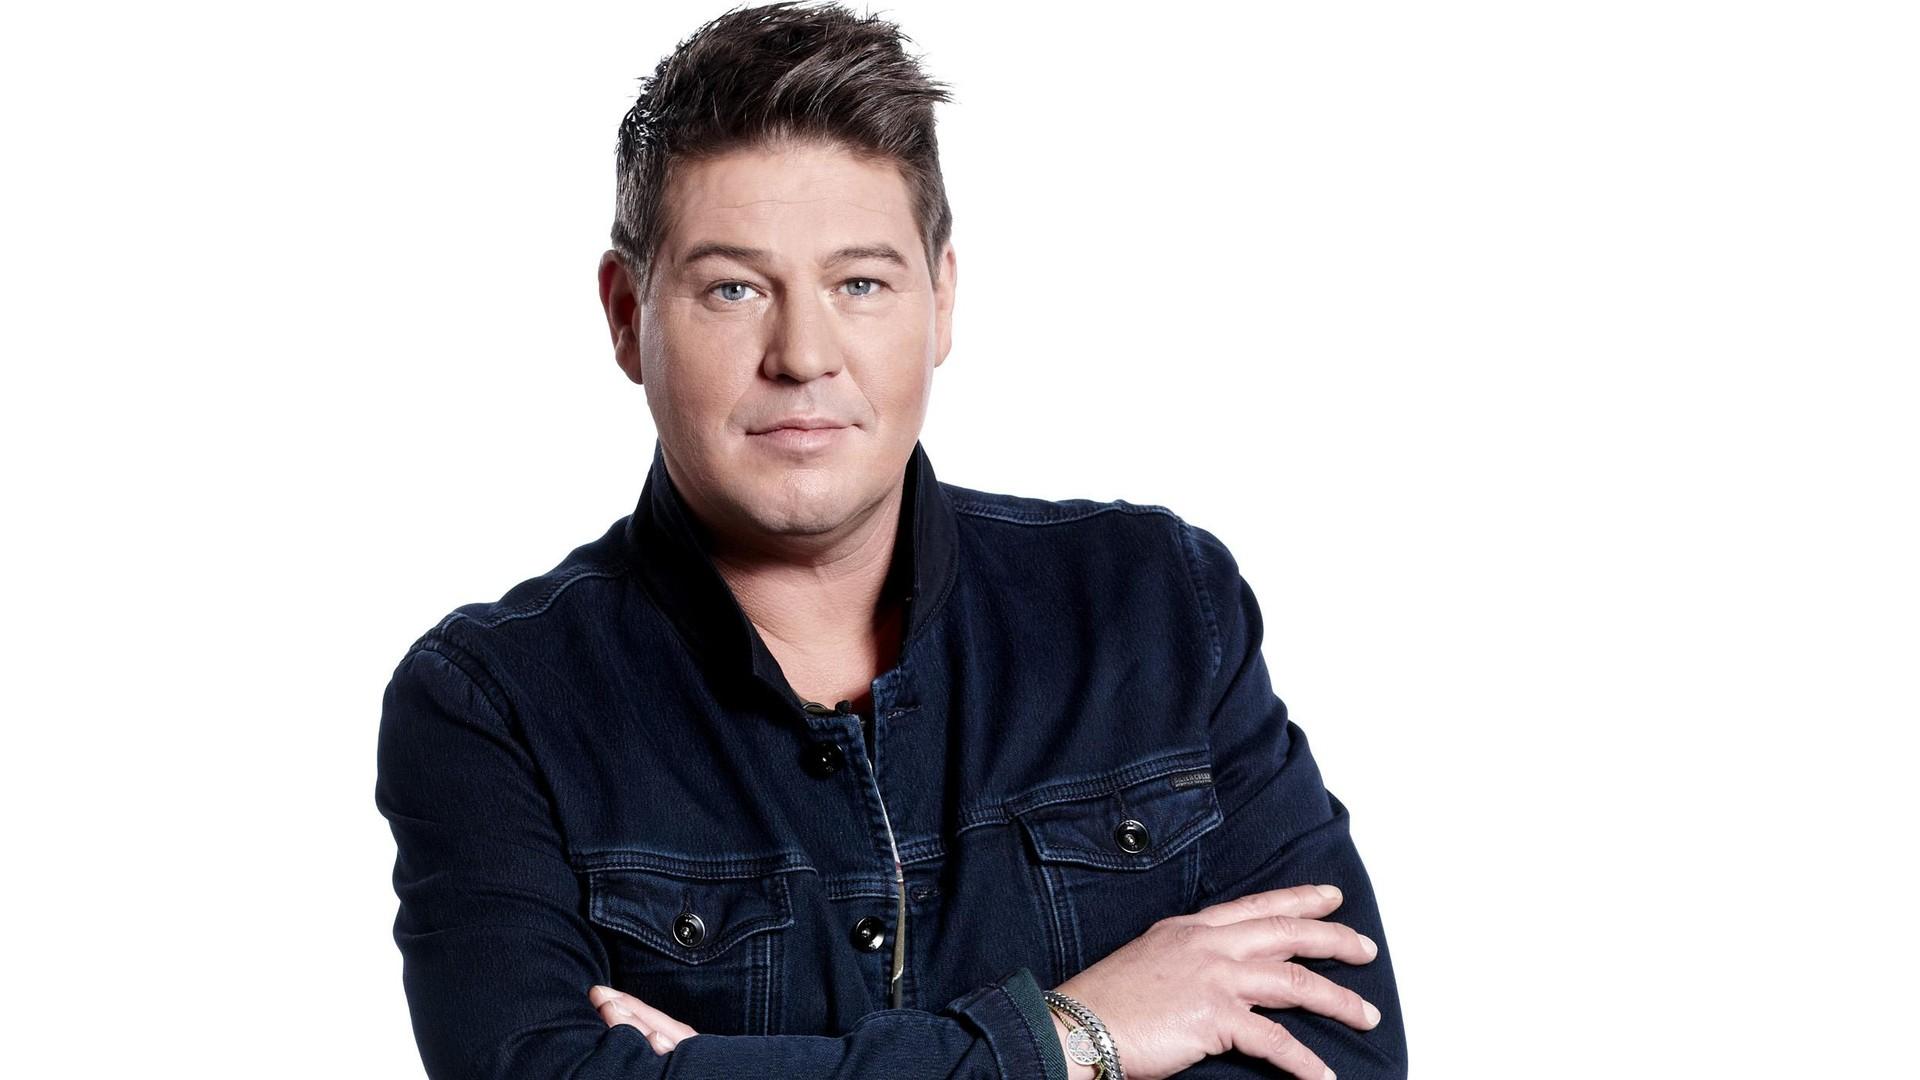 Kopen Zonder Kijken - nieuwe programma's zijn vanaf februari bij RTL 4 en 5 te zien